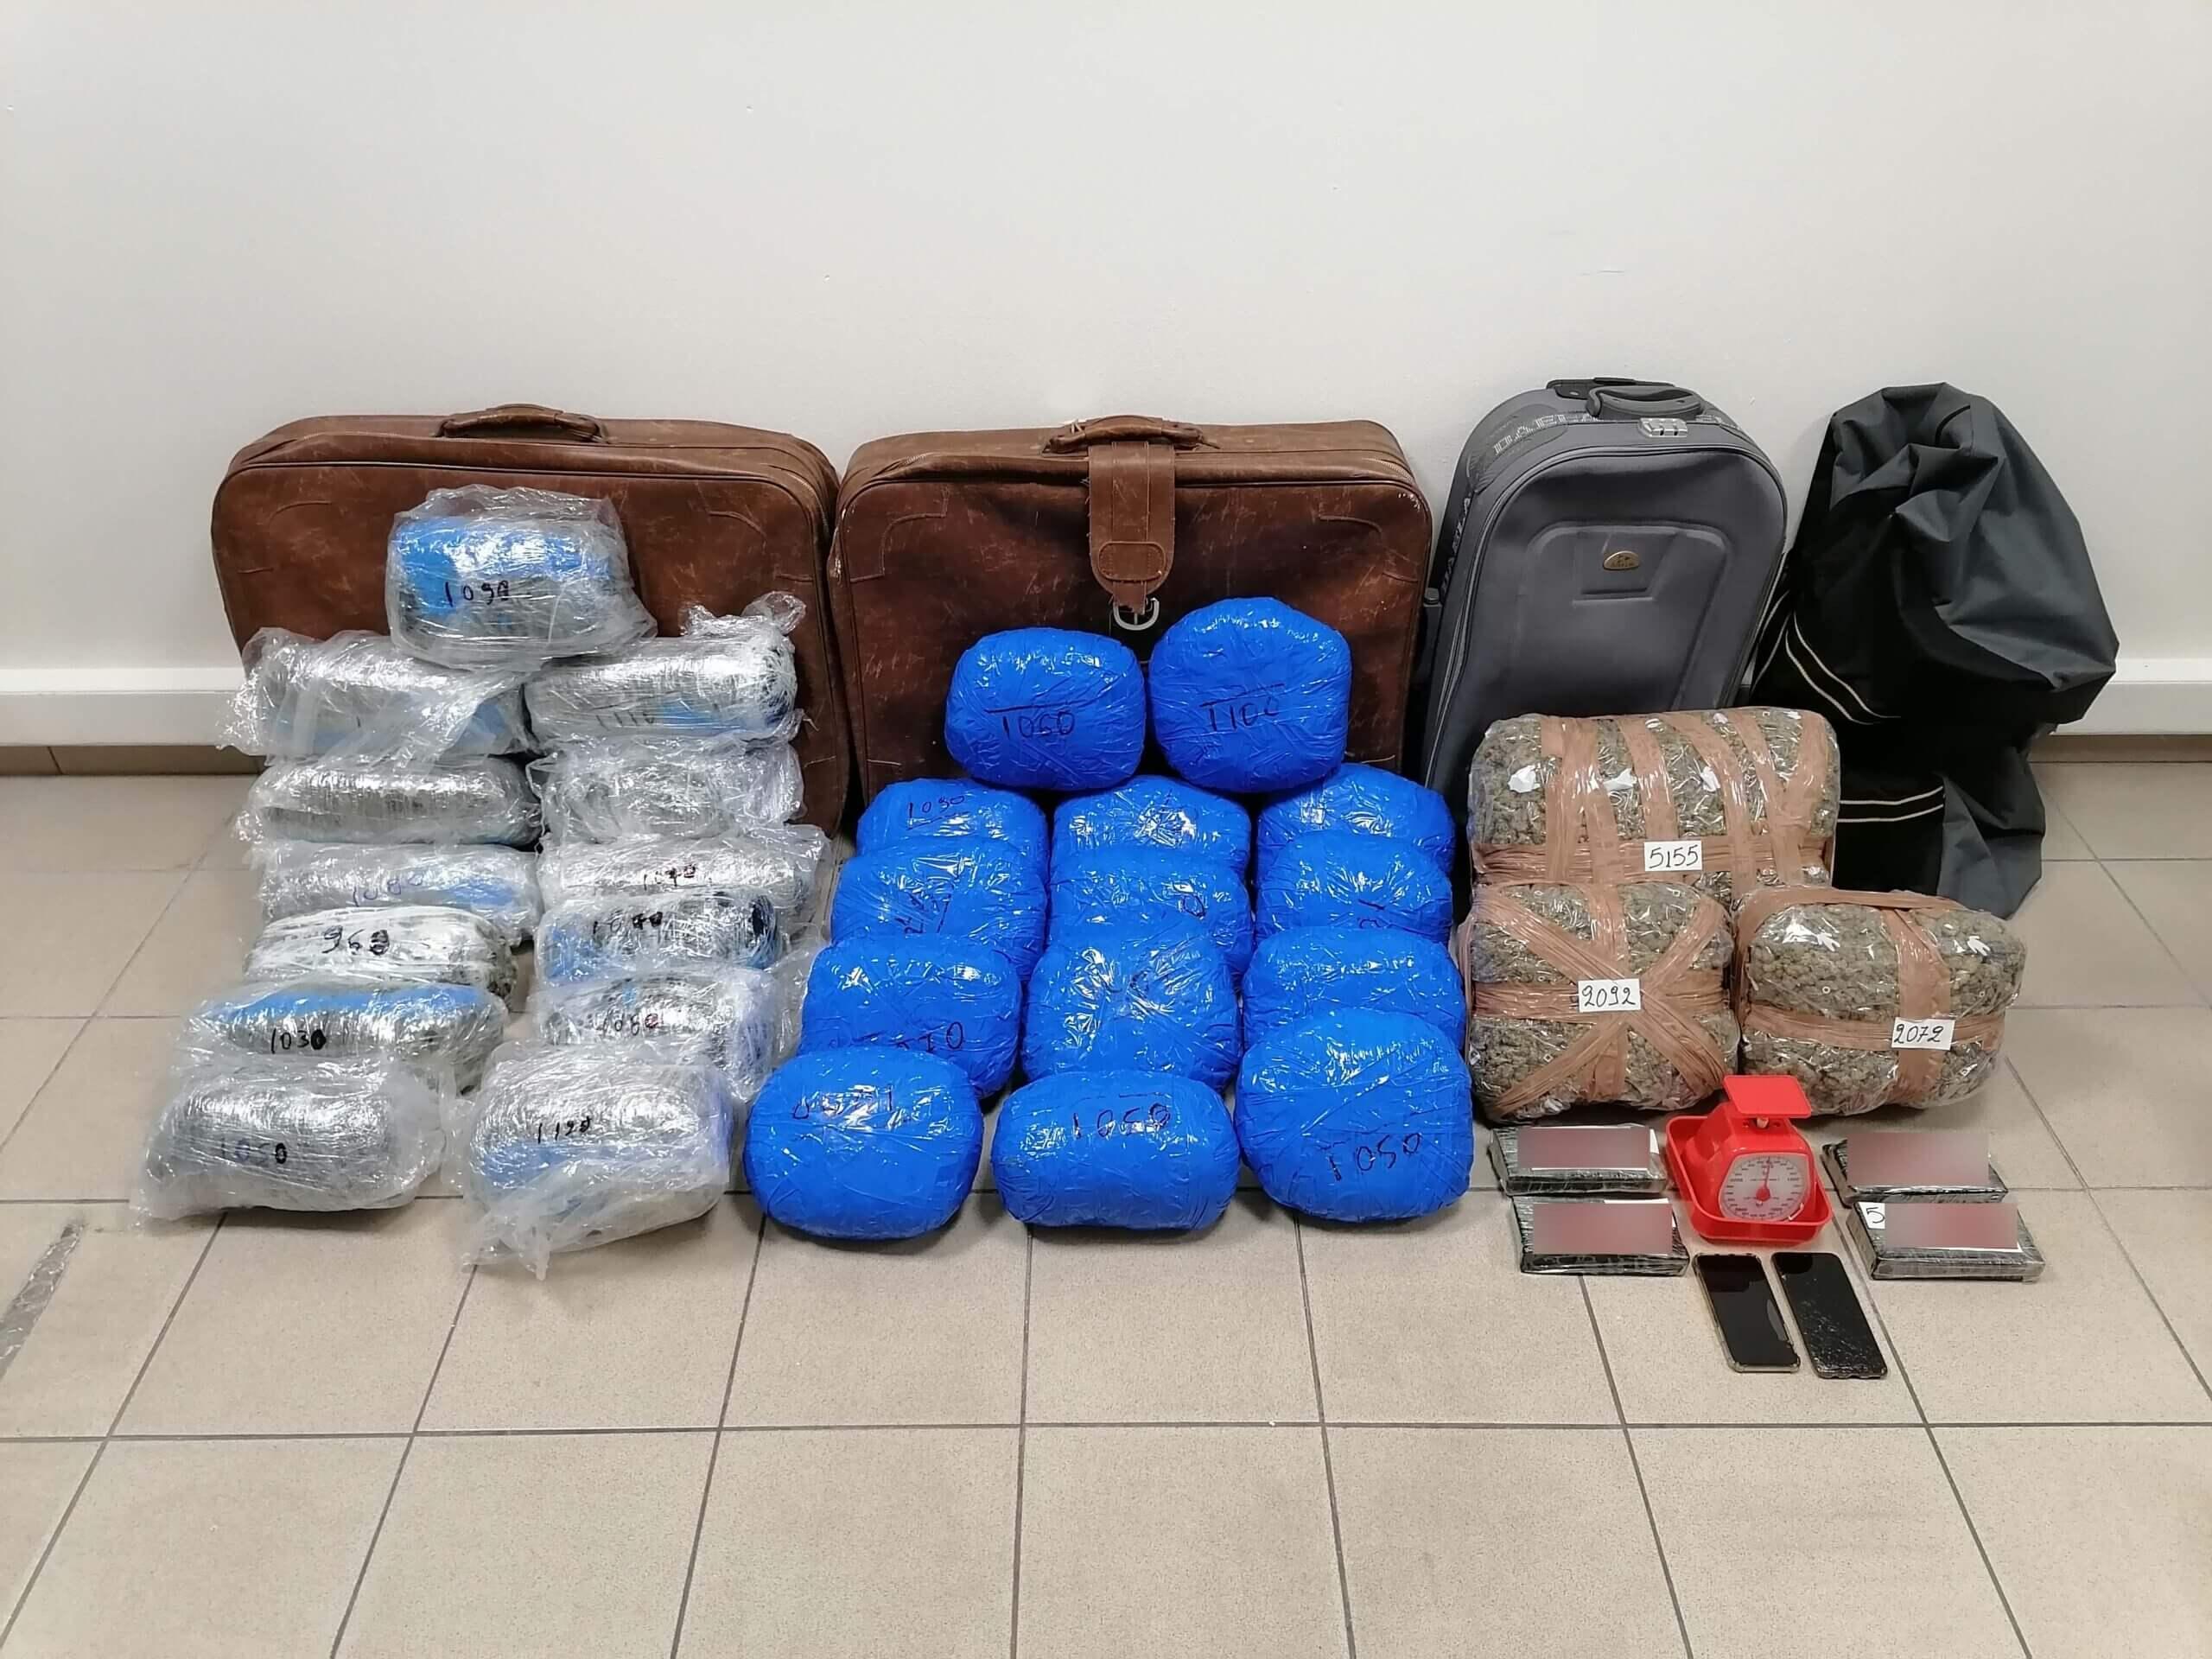 Θεσσαλονίκη : Εντόπισαν και συνέλαβαν μέλη Διεθνούς κυκλώματος Ναρκωτικών